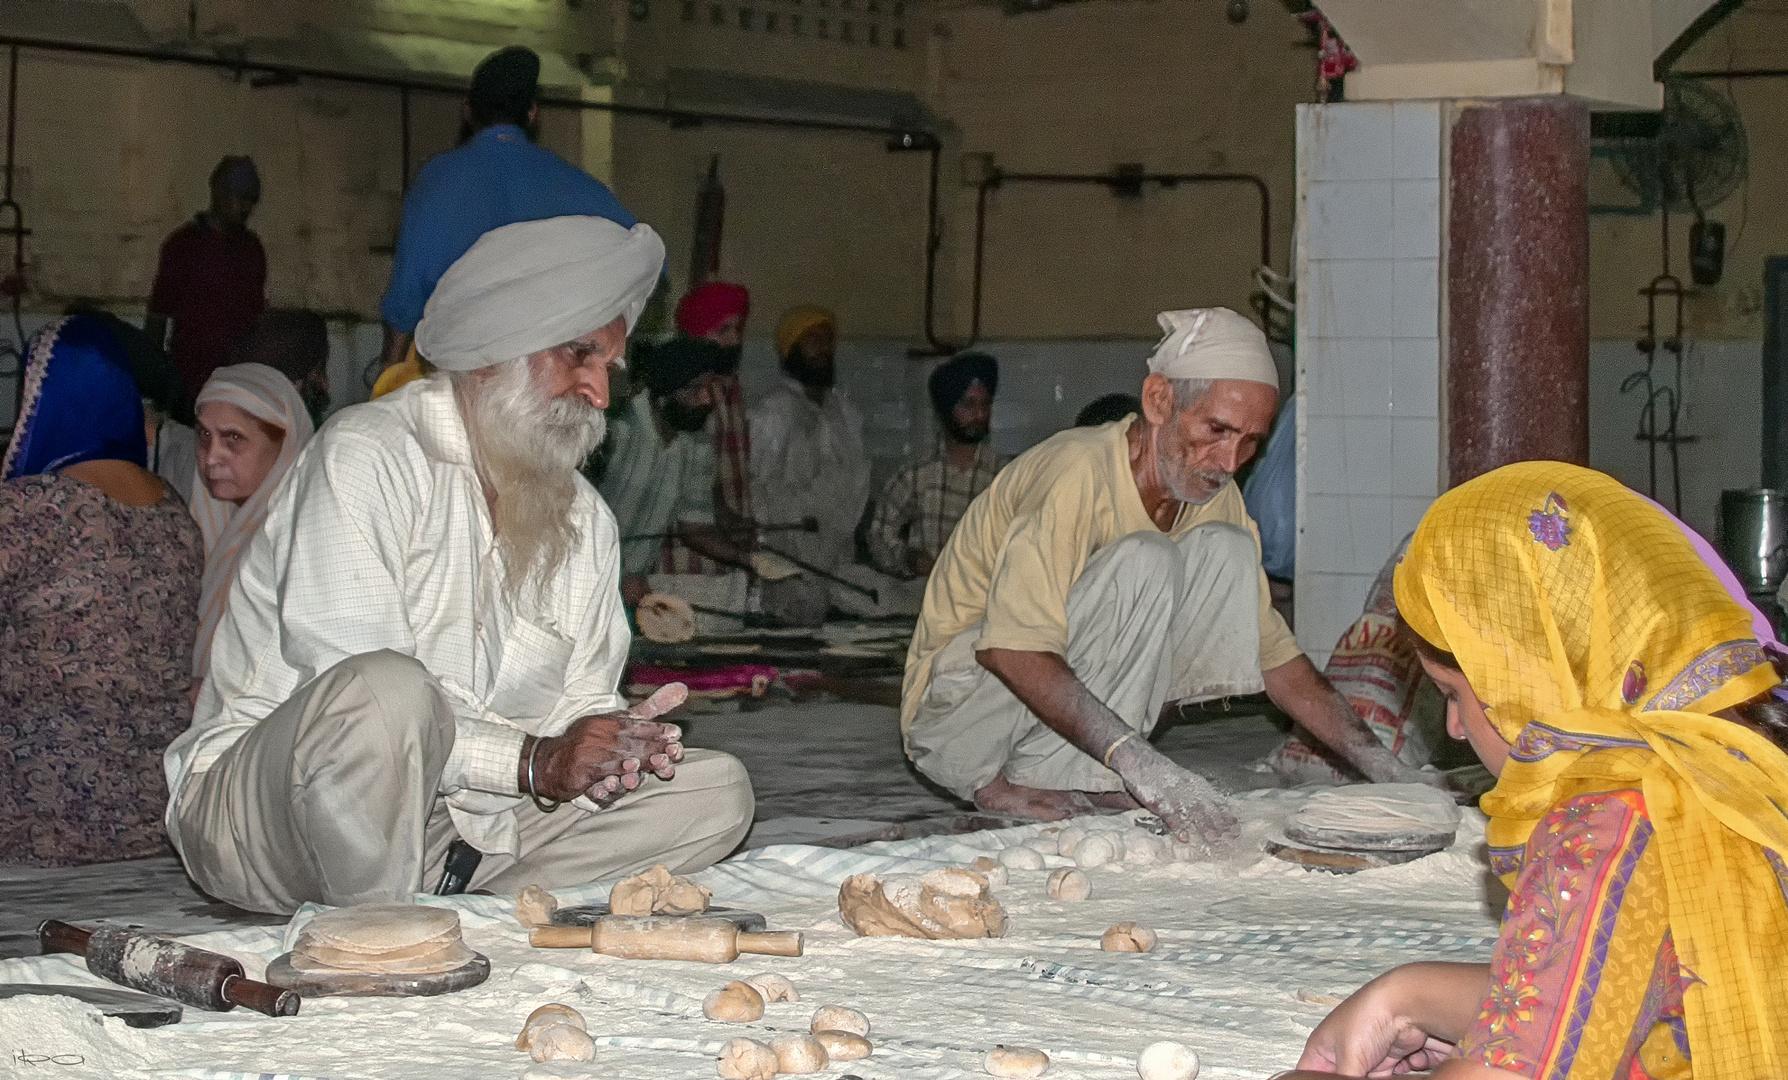 Dal und Chapati für Alle